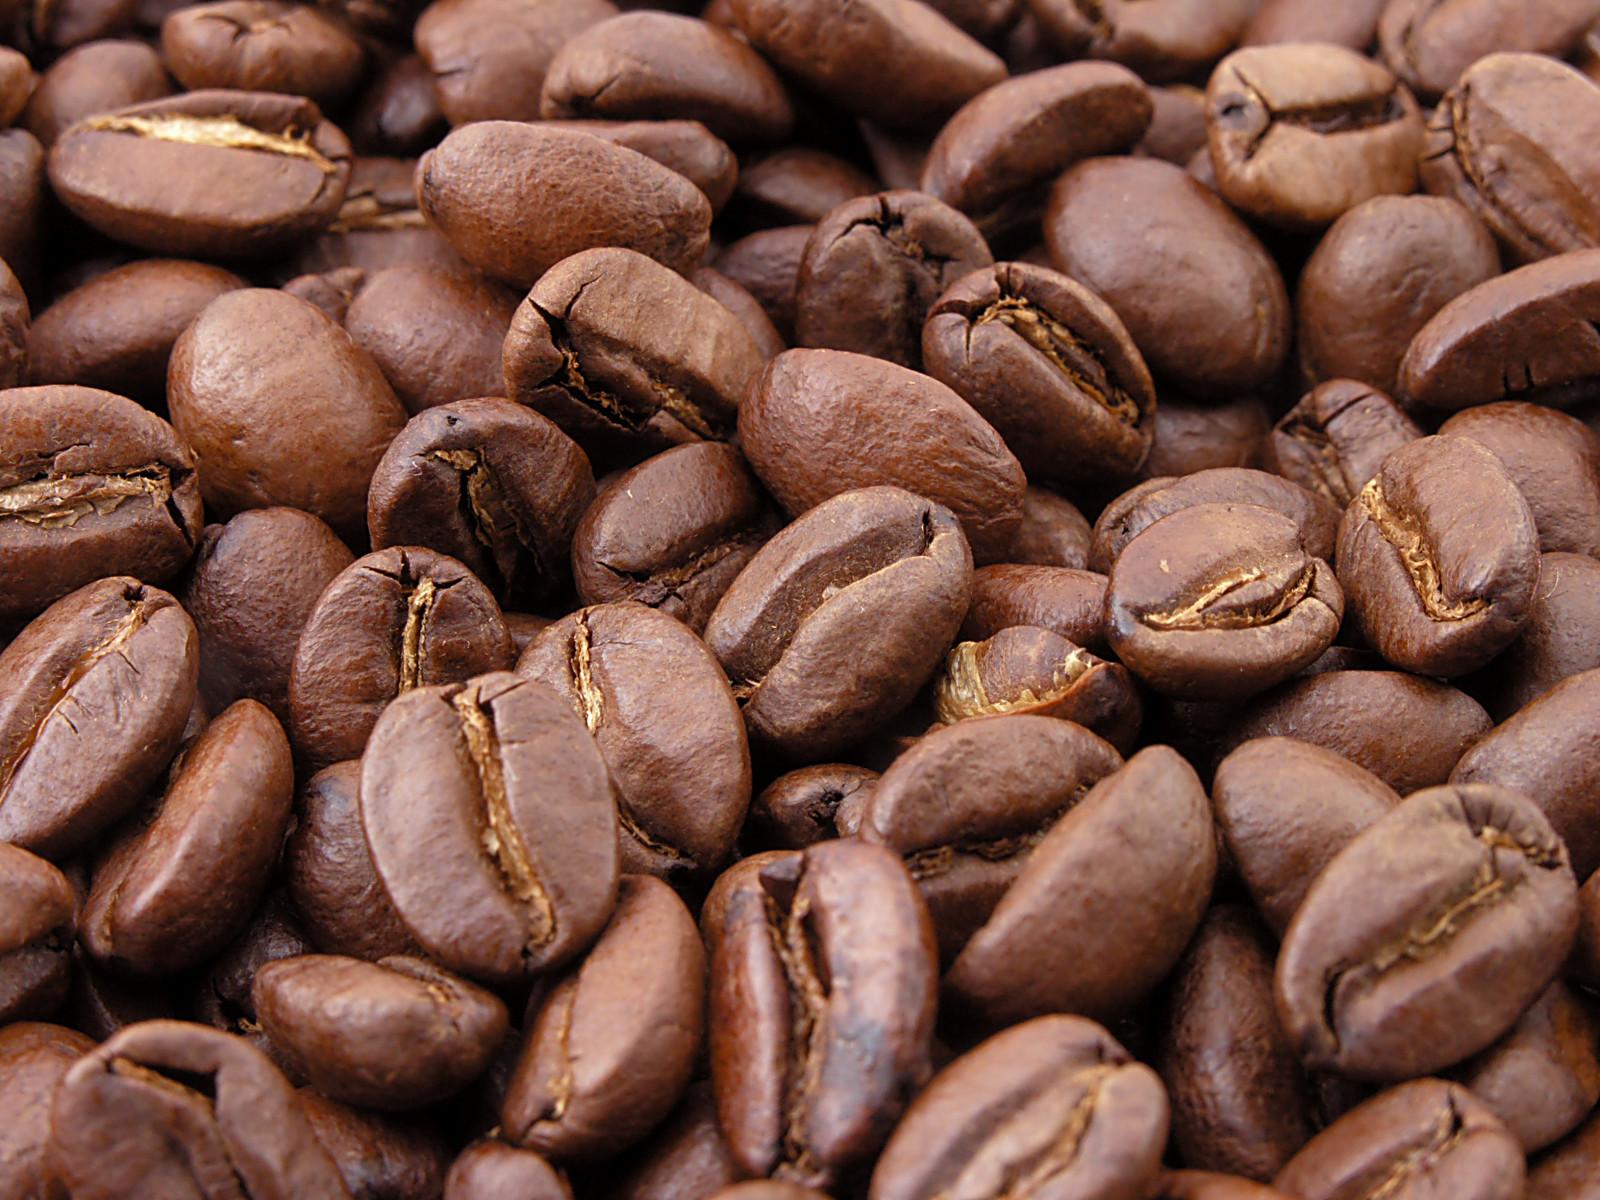 největším zdrojem kofeinu je káva